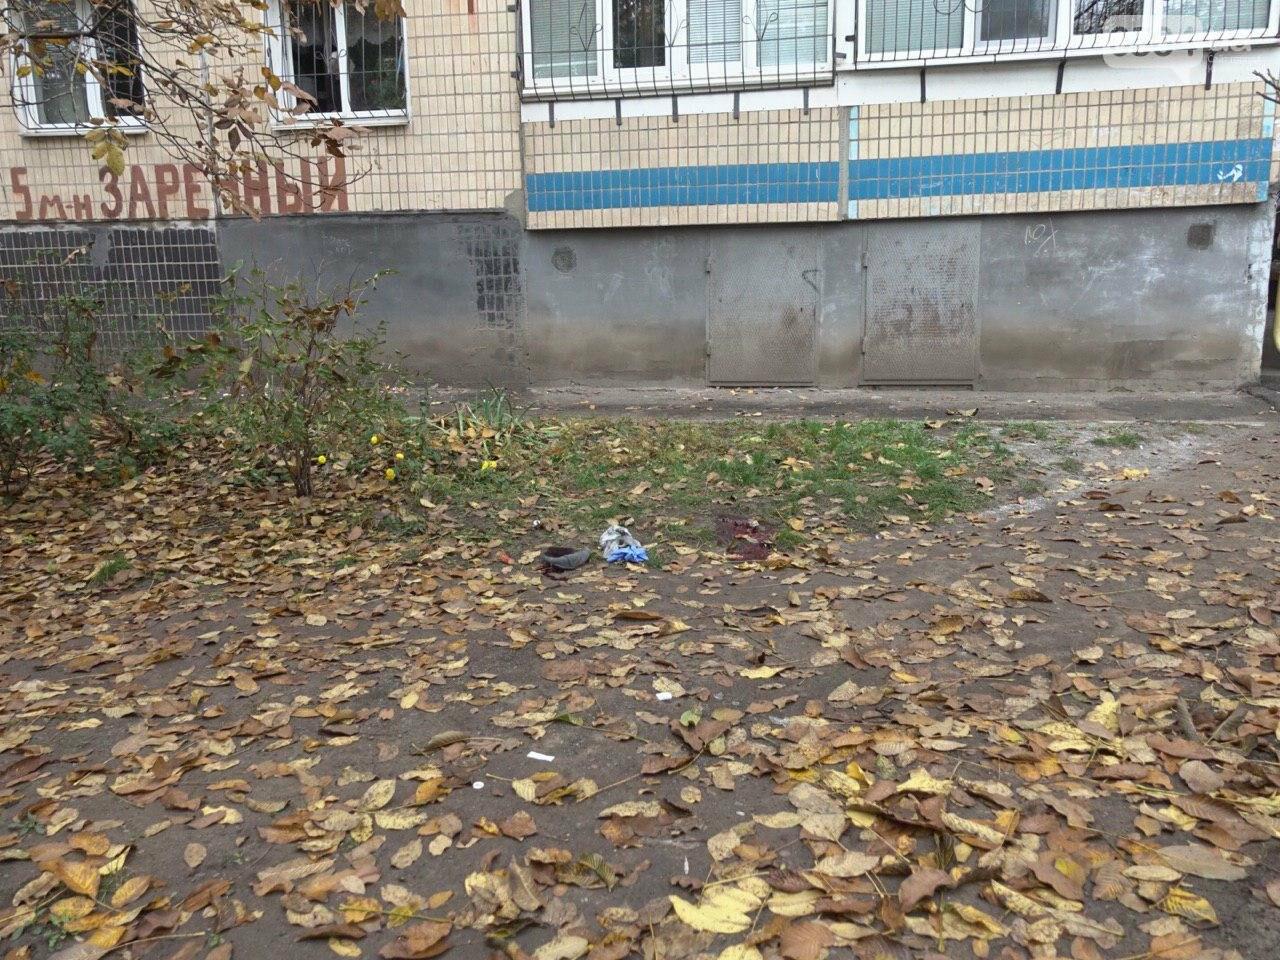 В Кривом Роге из окна 9 этажа выпал мужчина, - ФОТО 18+, фото-9